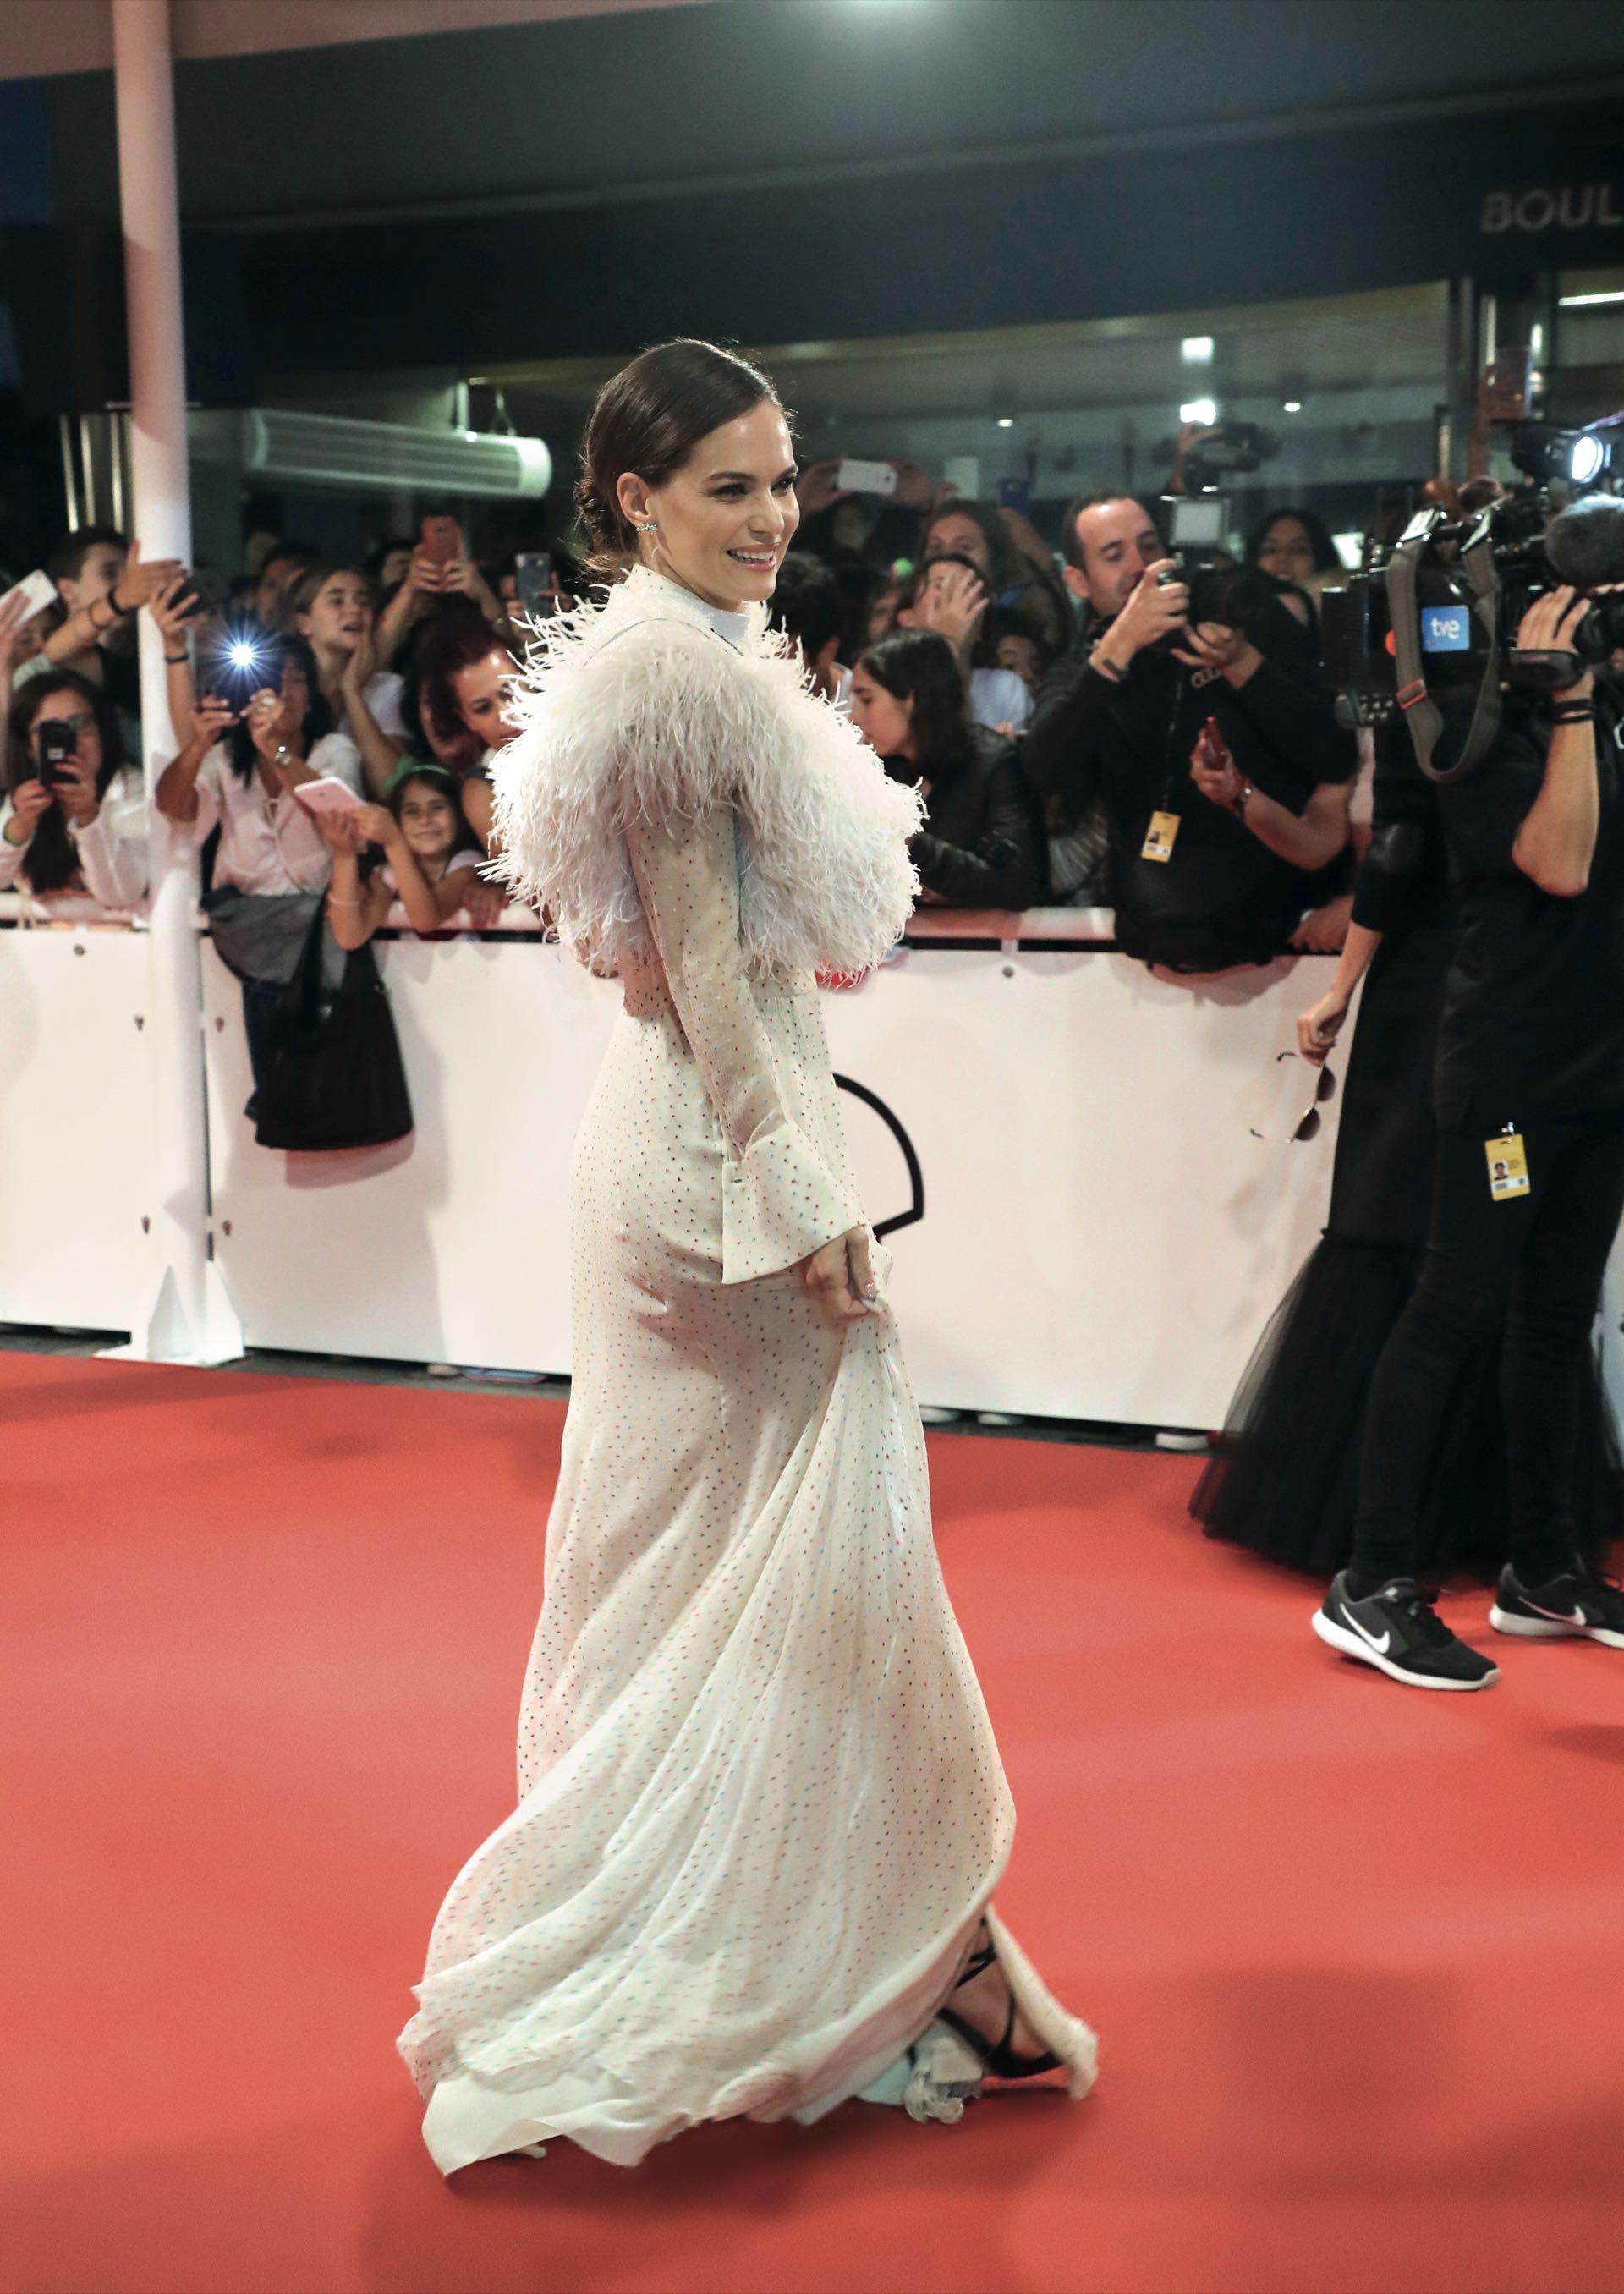 En la alfombra roja de la gala de clausura del Festival de San Sebastián Luz lució un vestido de la diseñadora española Teresa Helbig y zapatos Jimmy Choo.